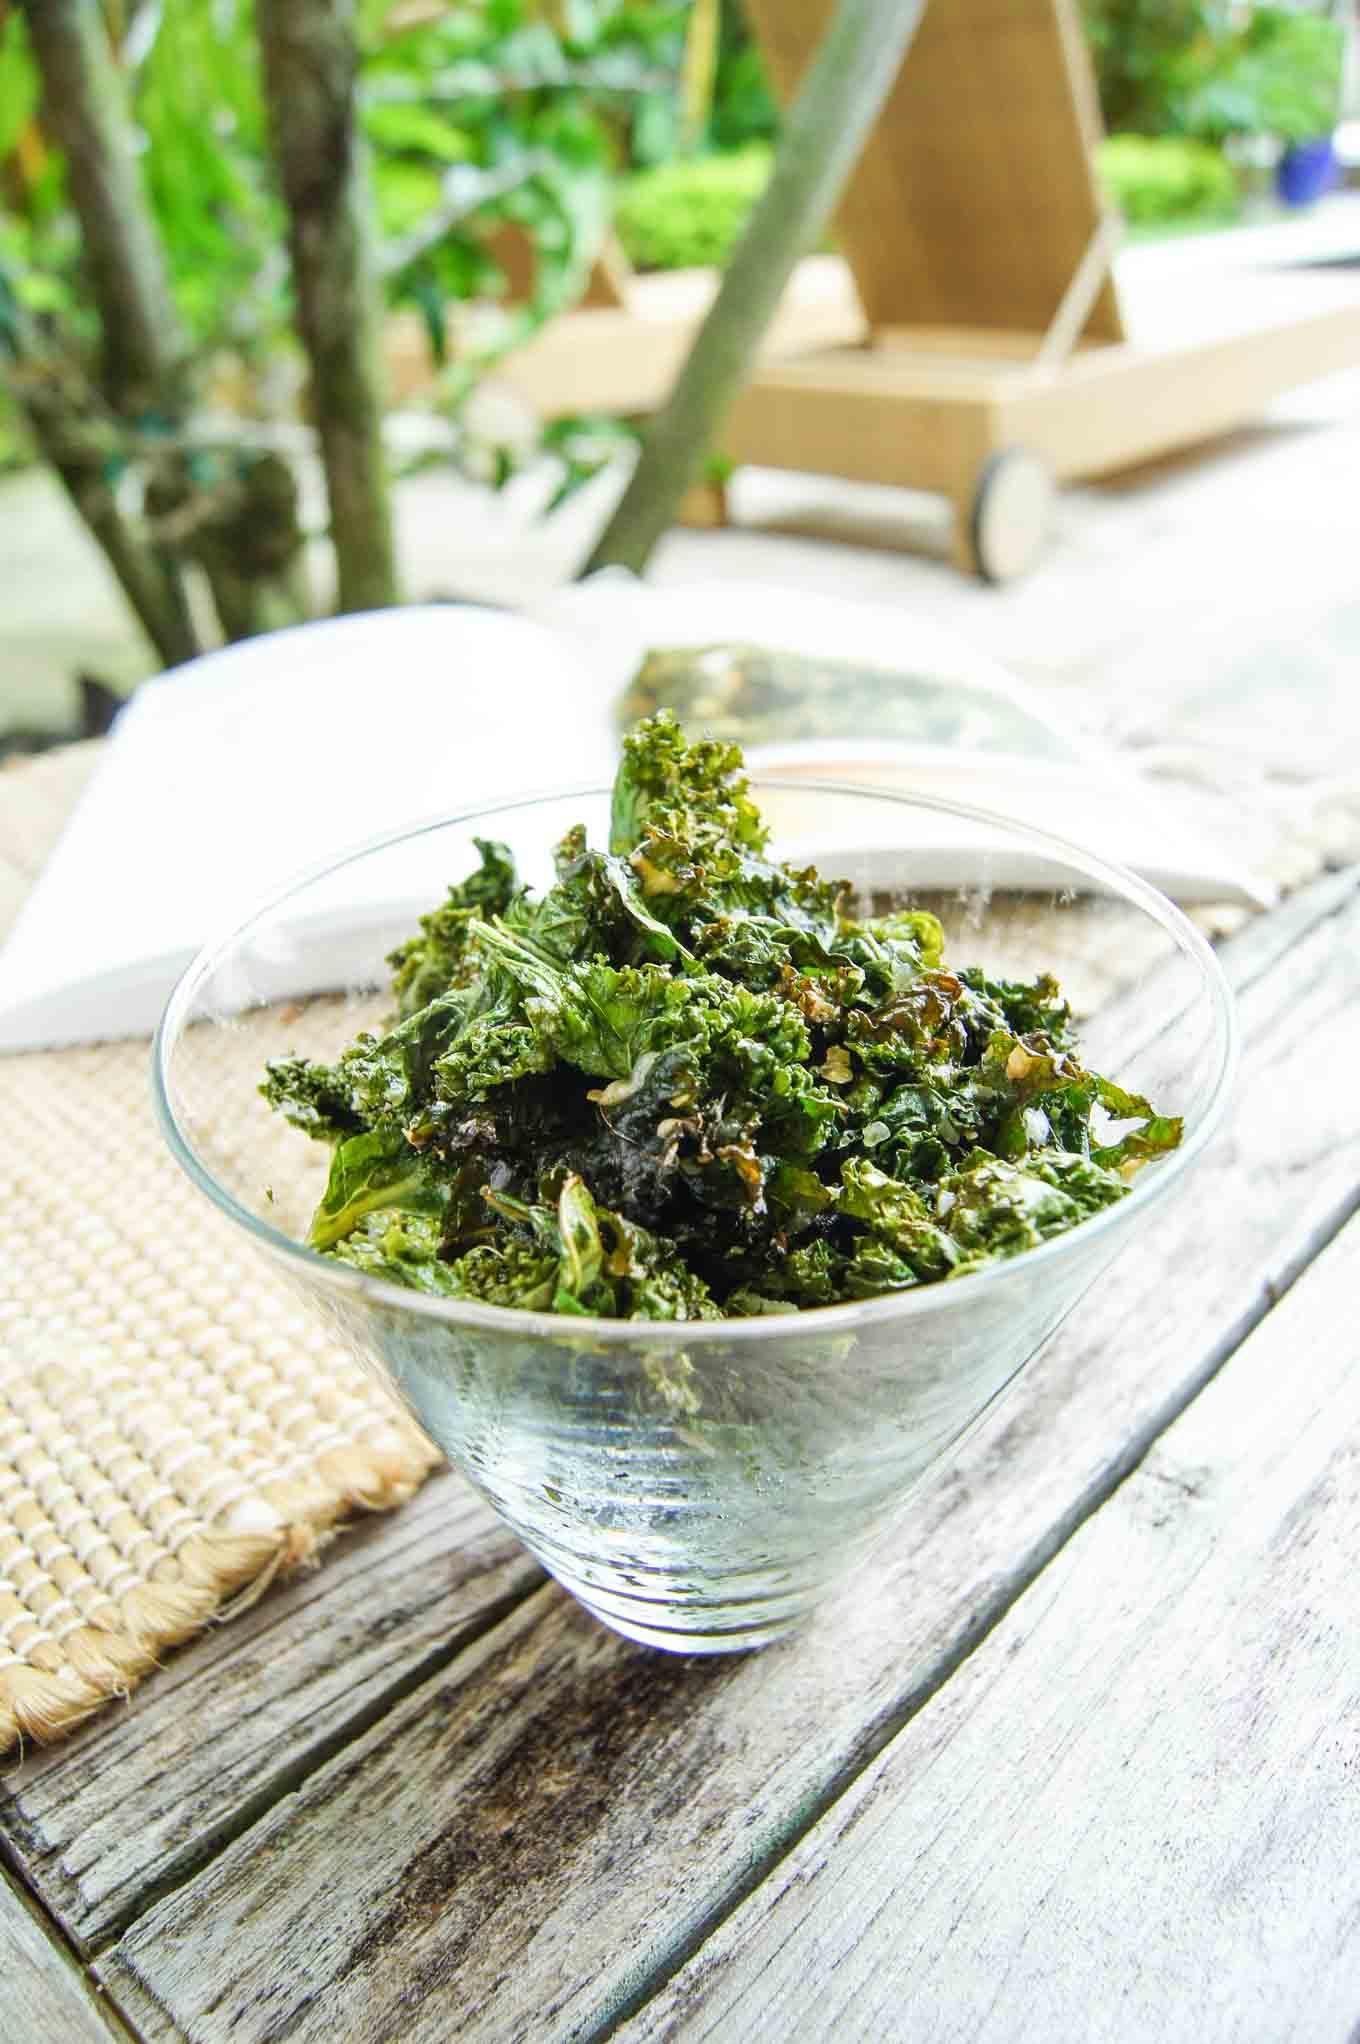 Vegan Cheesy Kale Chips = Amazingly light cheesy snack